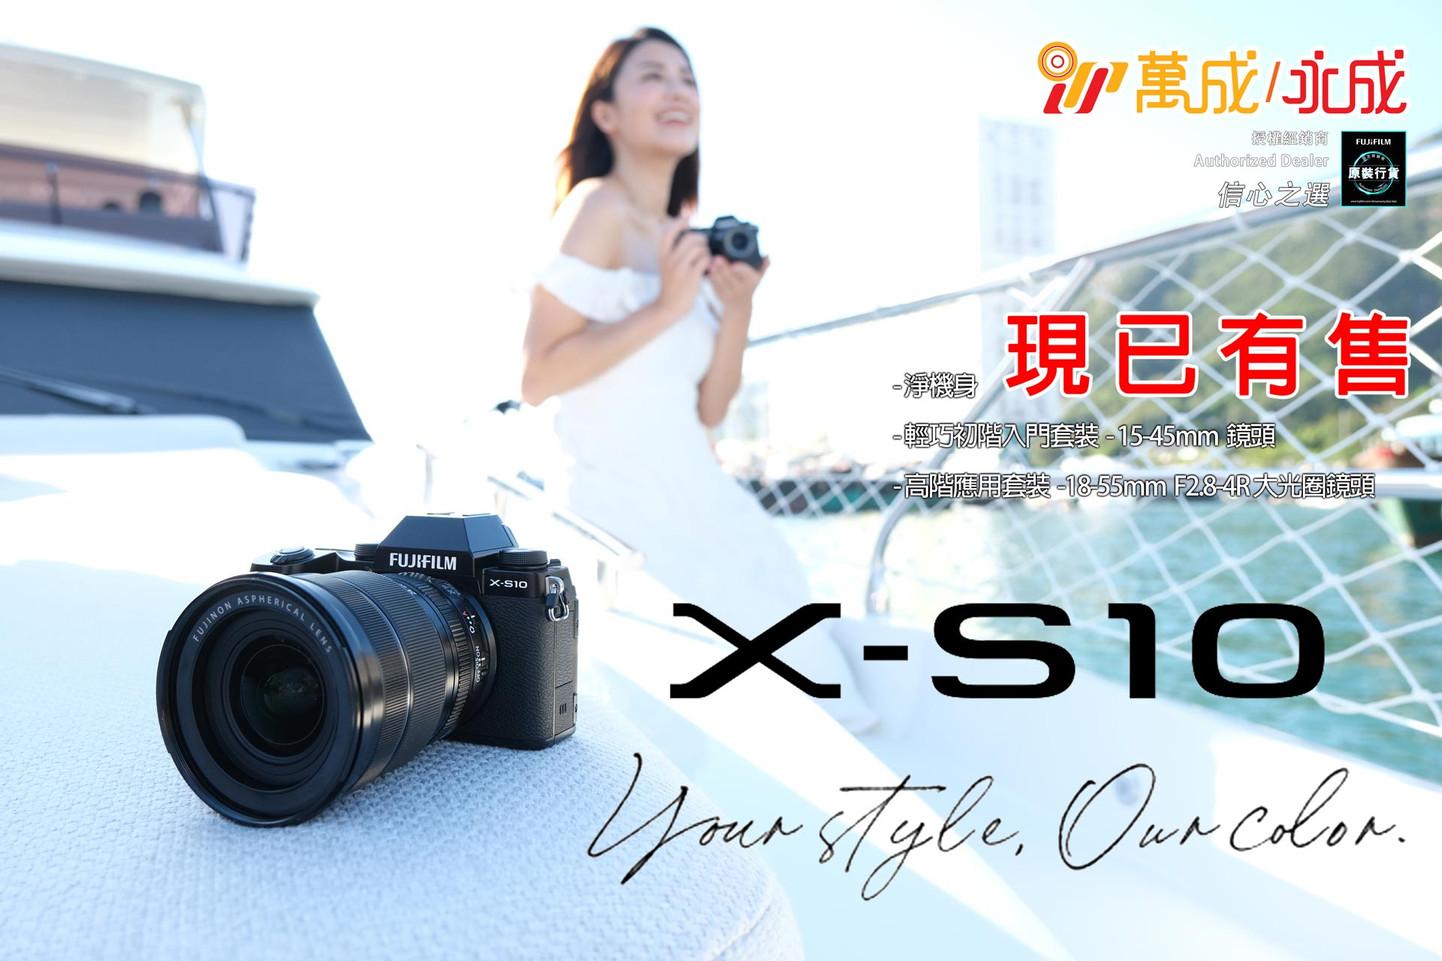 🔥🔥全新富士 X-S10 萬成永成現已登場!🔥🔥